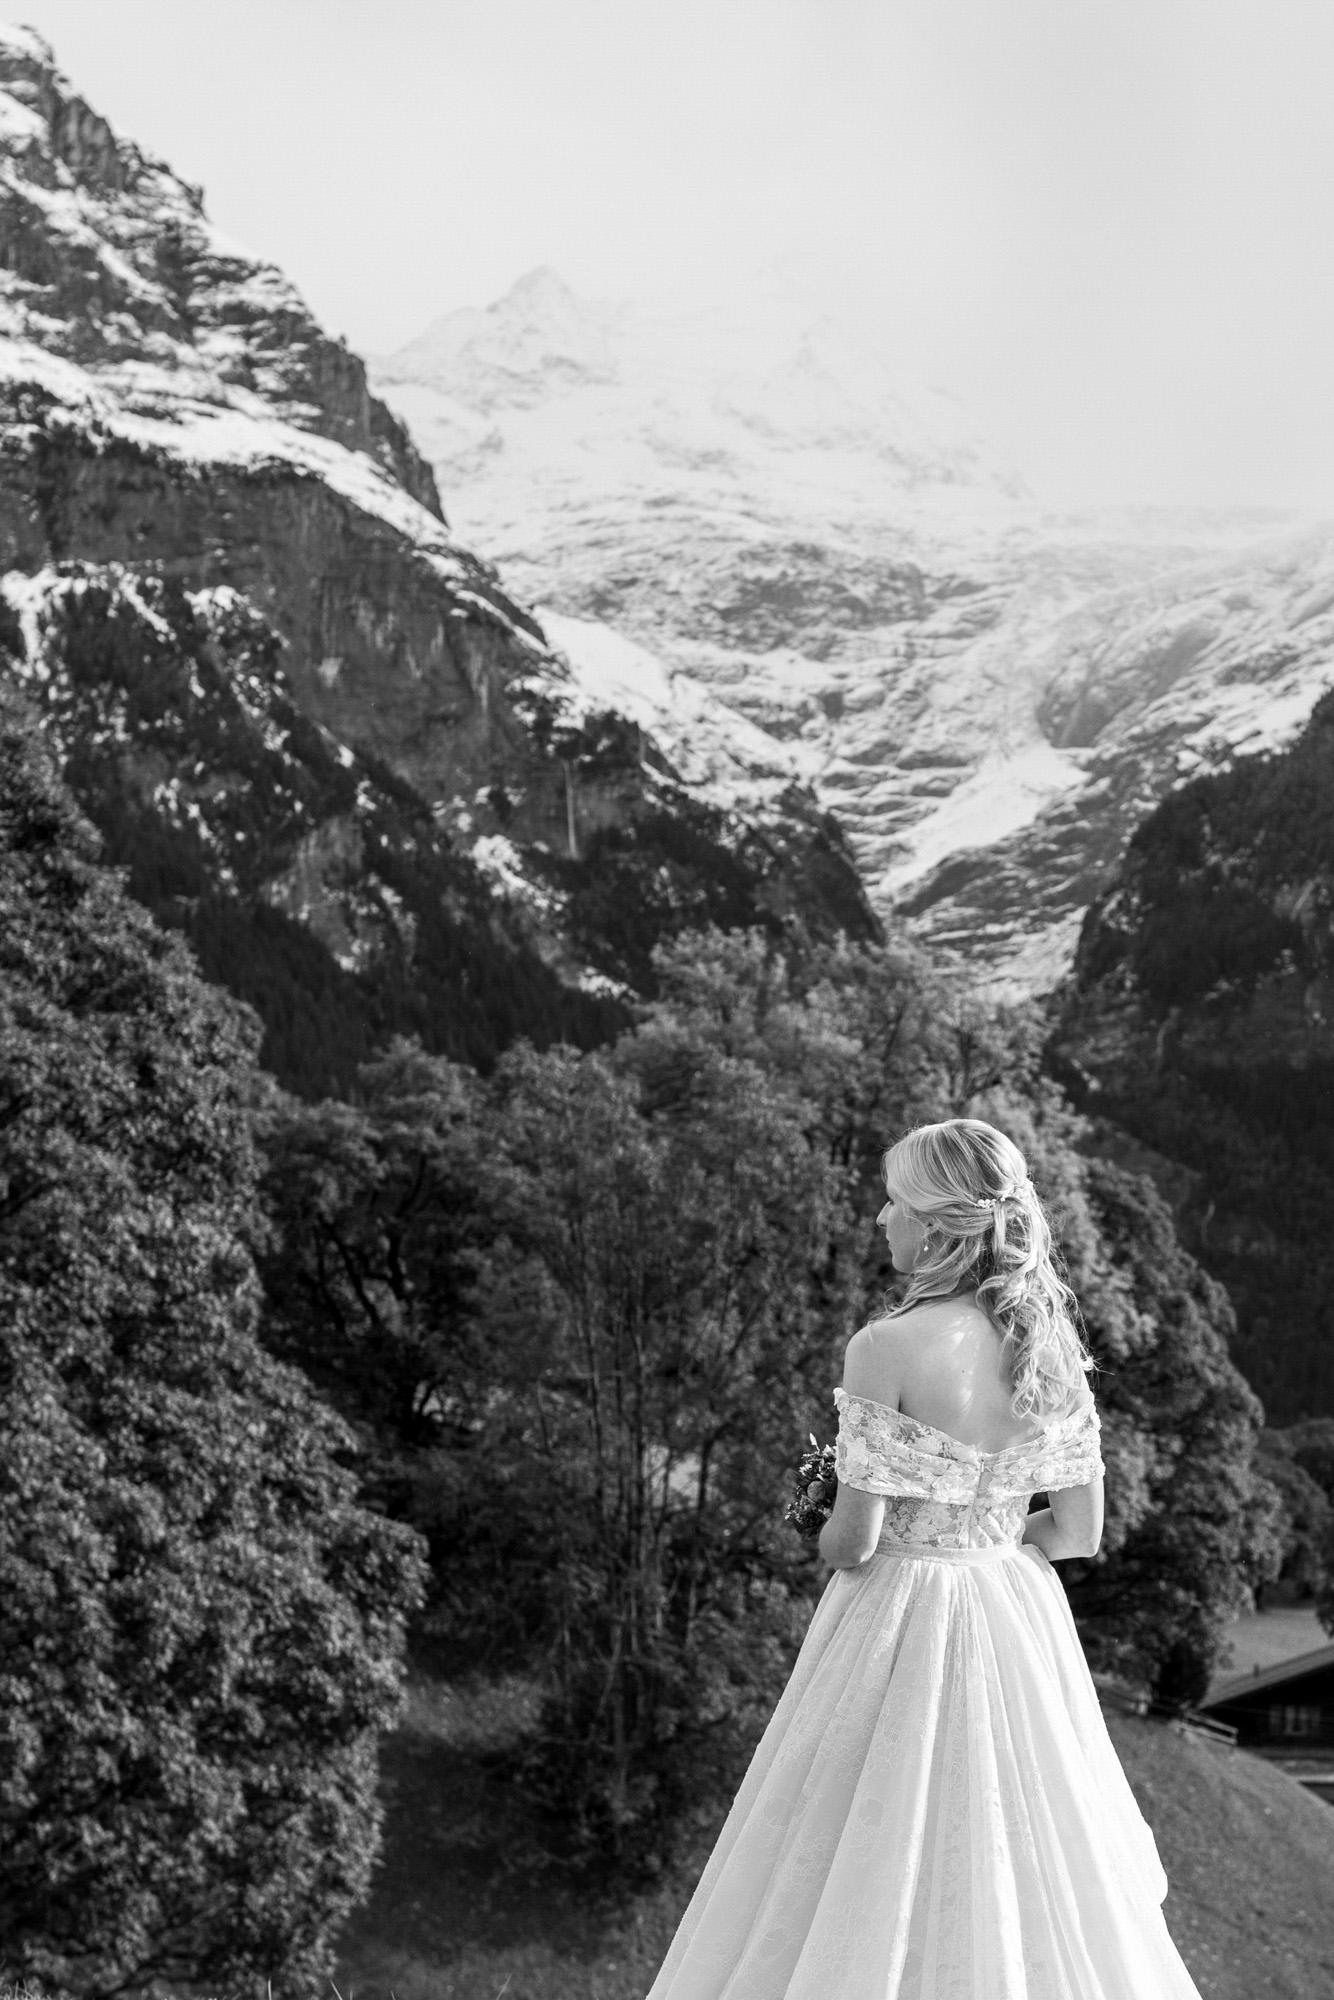 Schwarzweiss Bild von der schönen Braut in den Bergen - Hochzeitsfotograf Basel